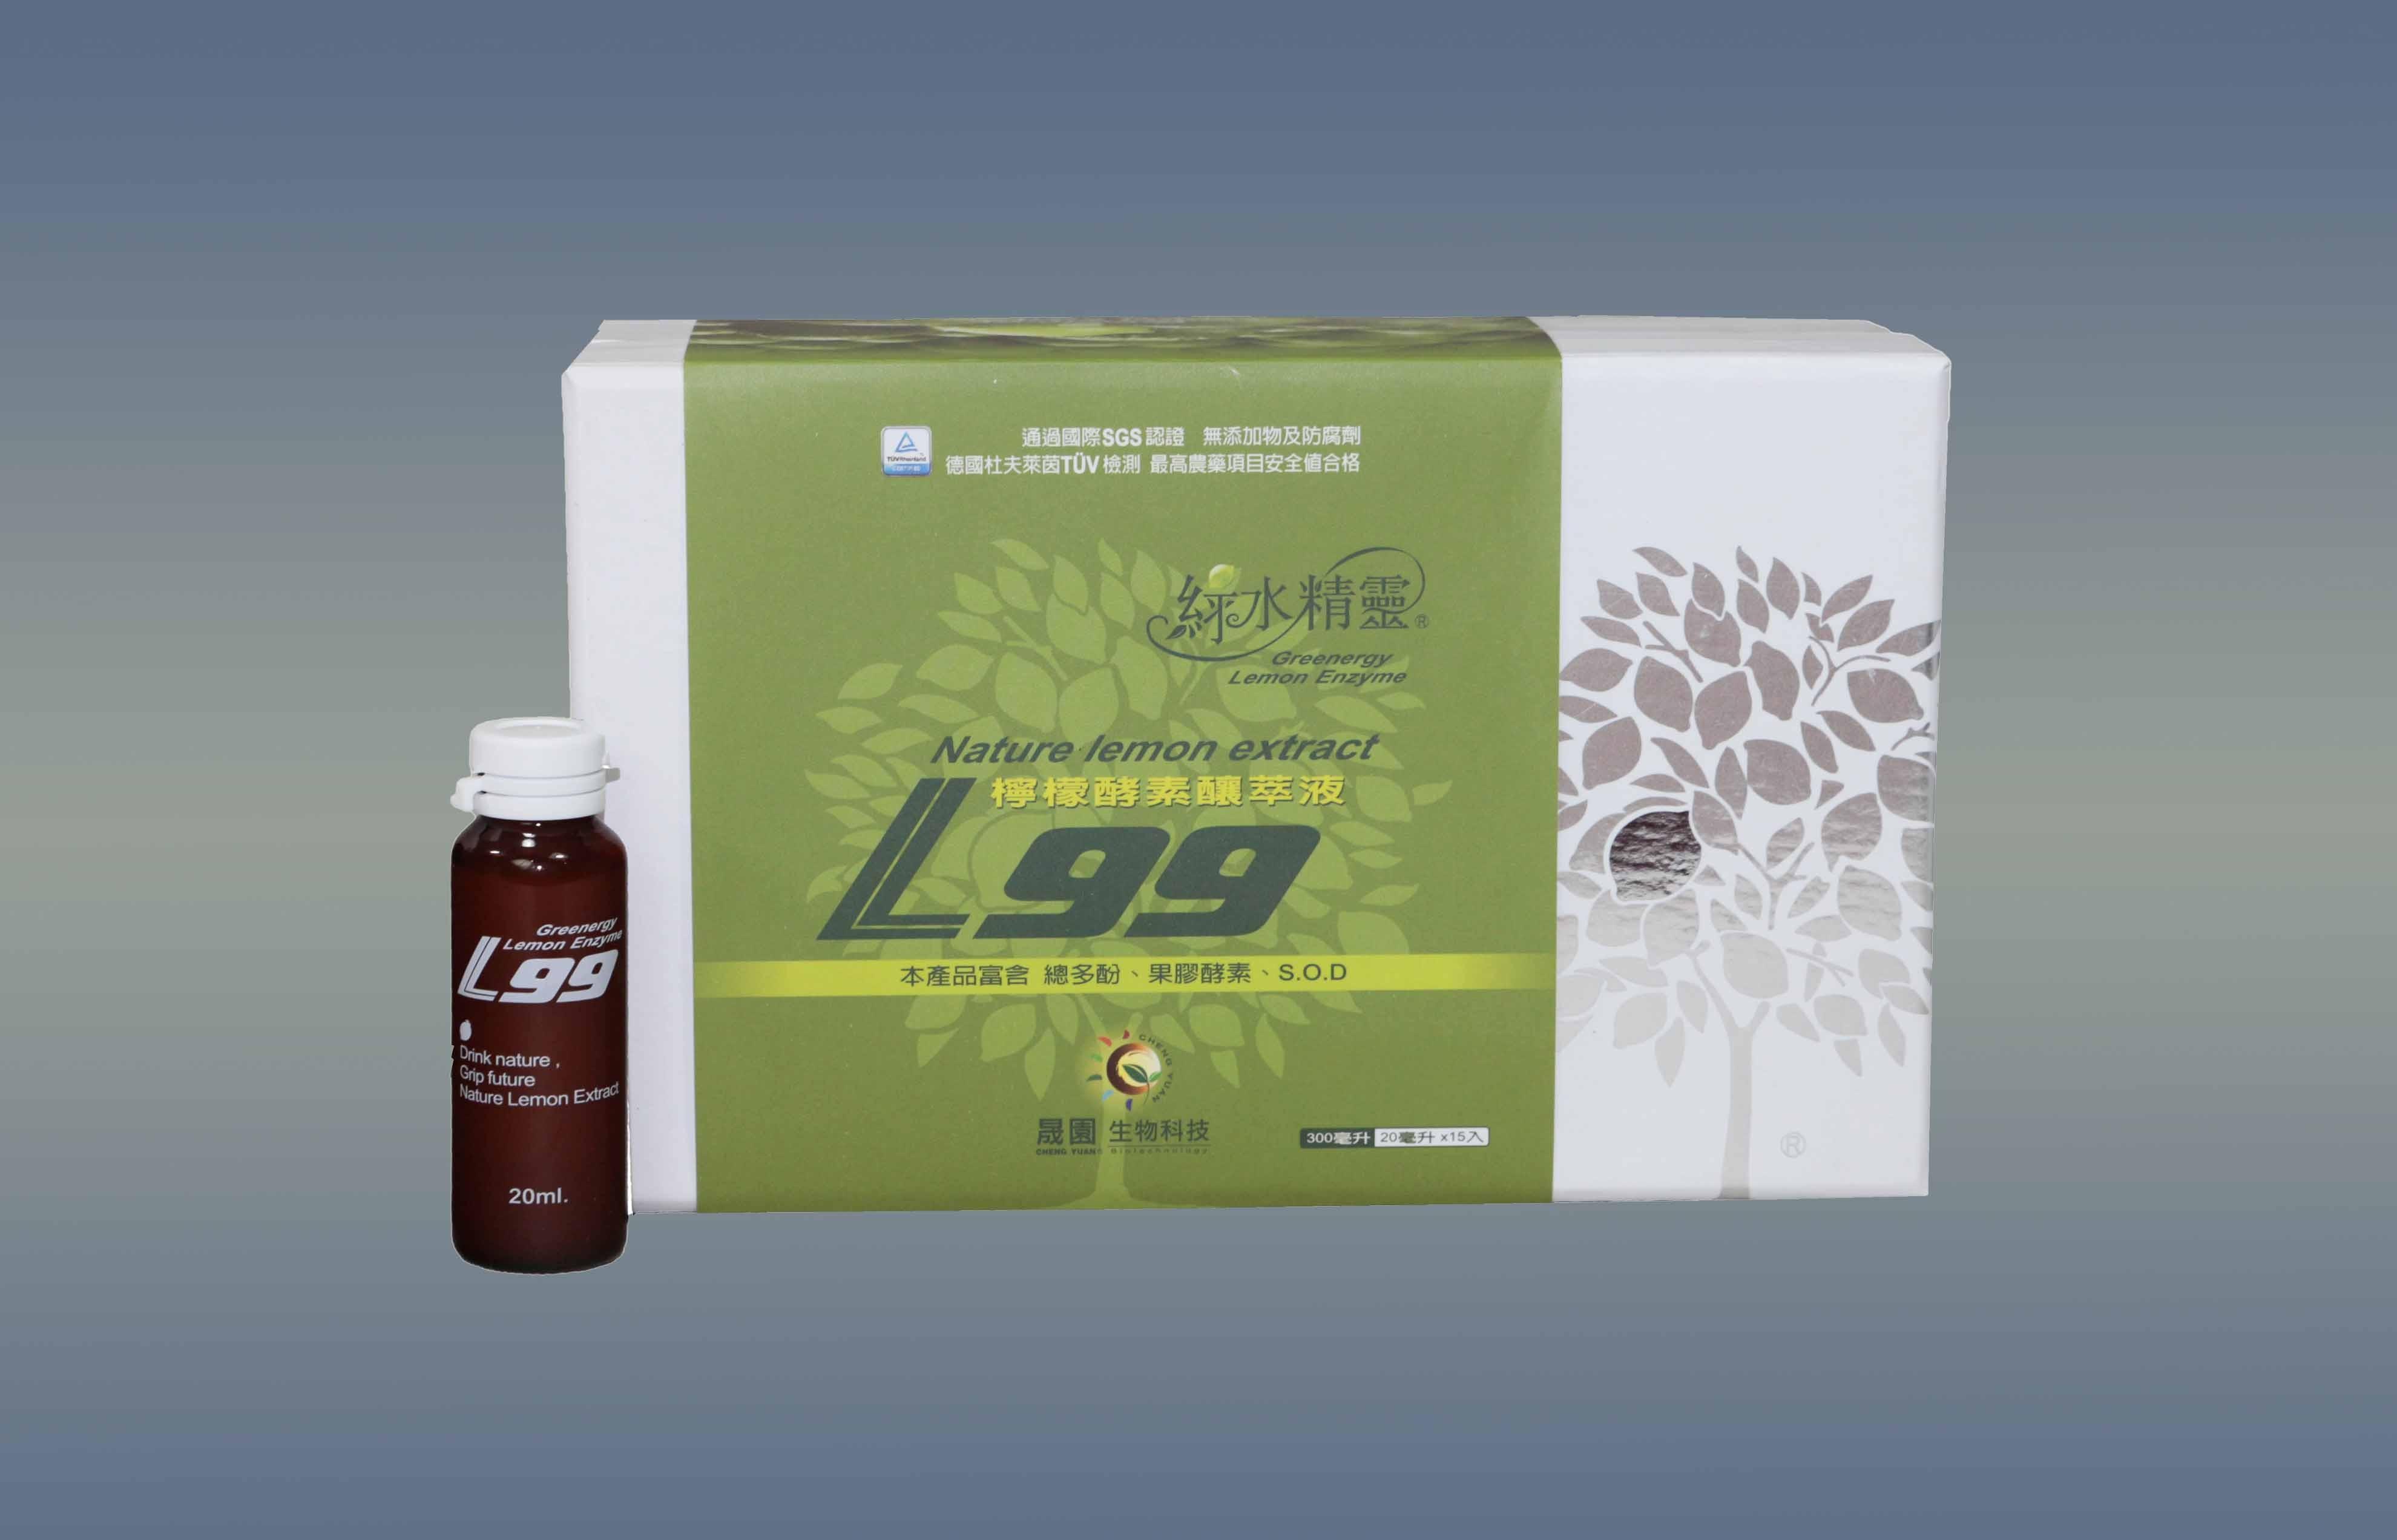 ~綠水精靈~L99檸檬酵素釀萃液 禮盒